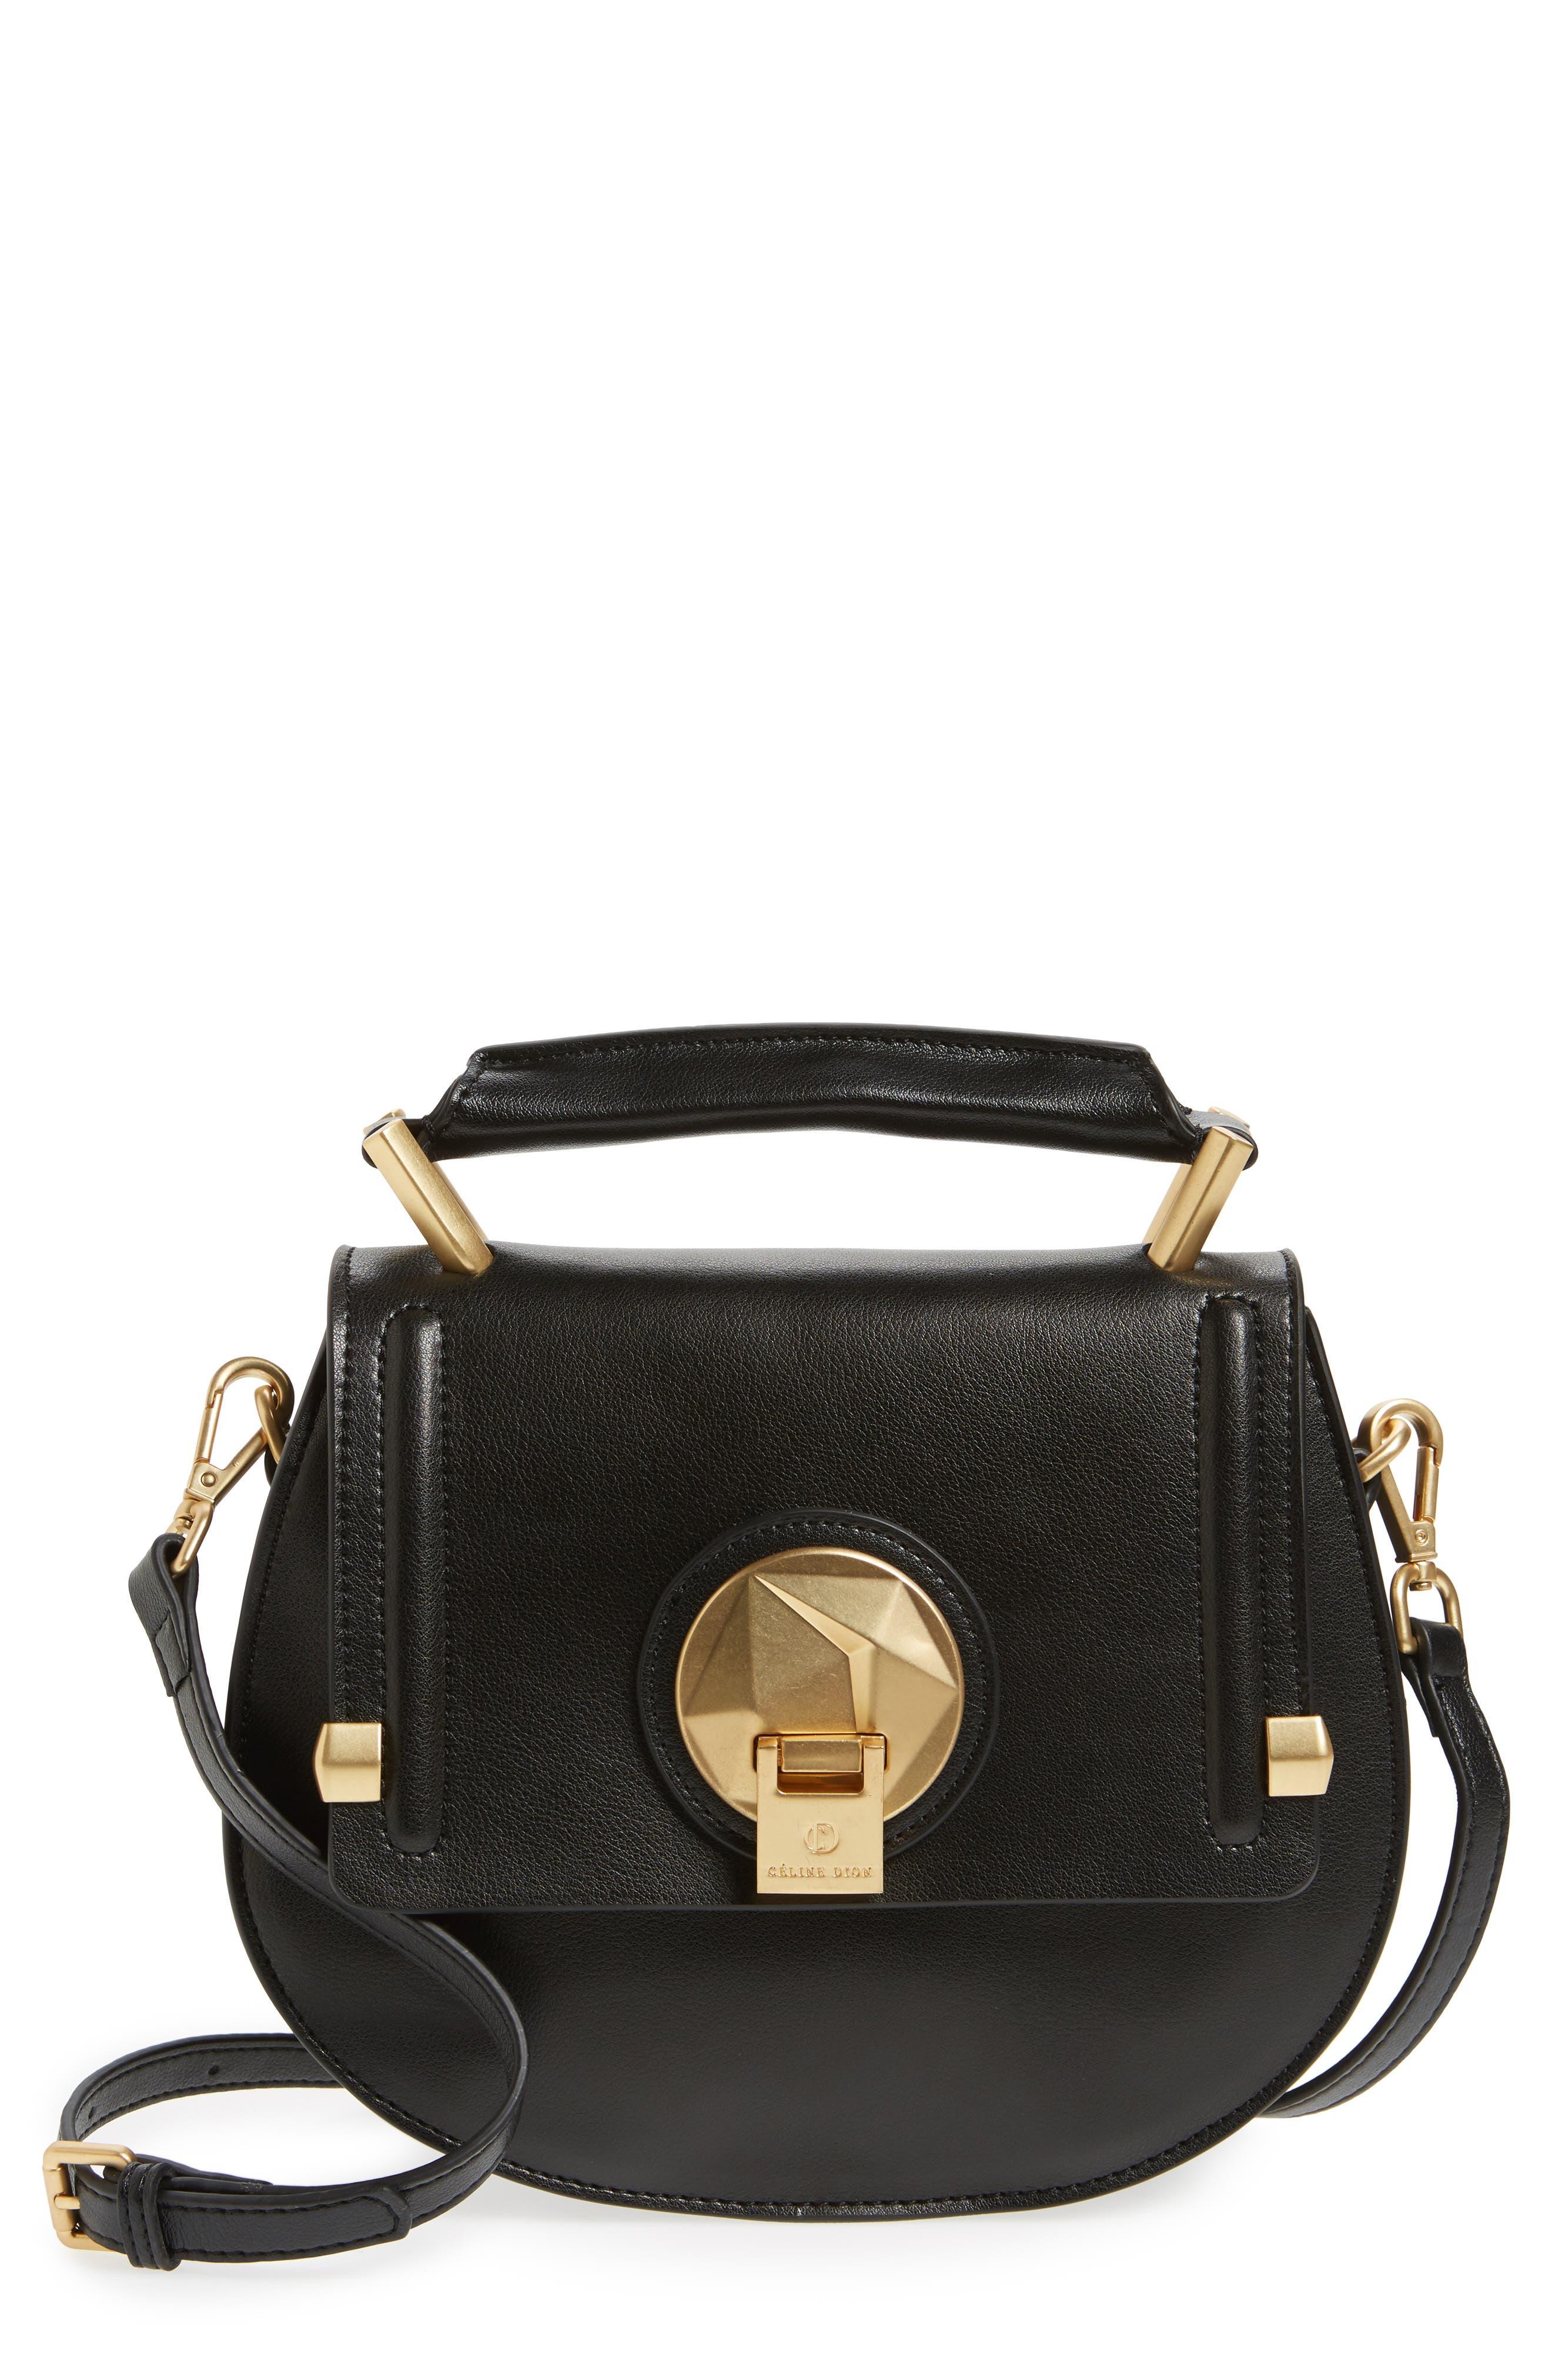 Main Image - Céline Dion Octave Leather Top Handle Satchel